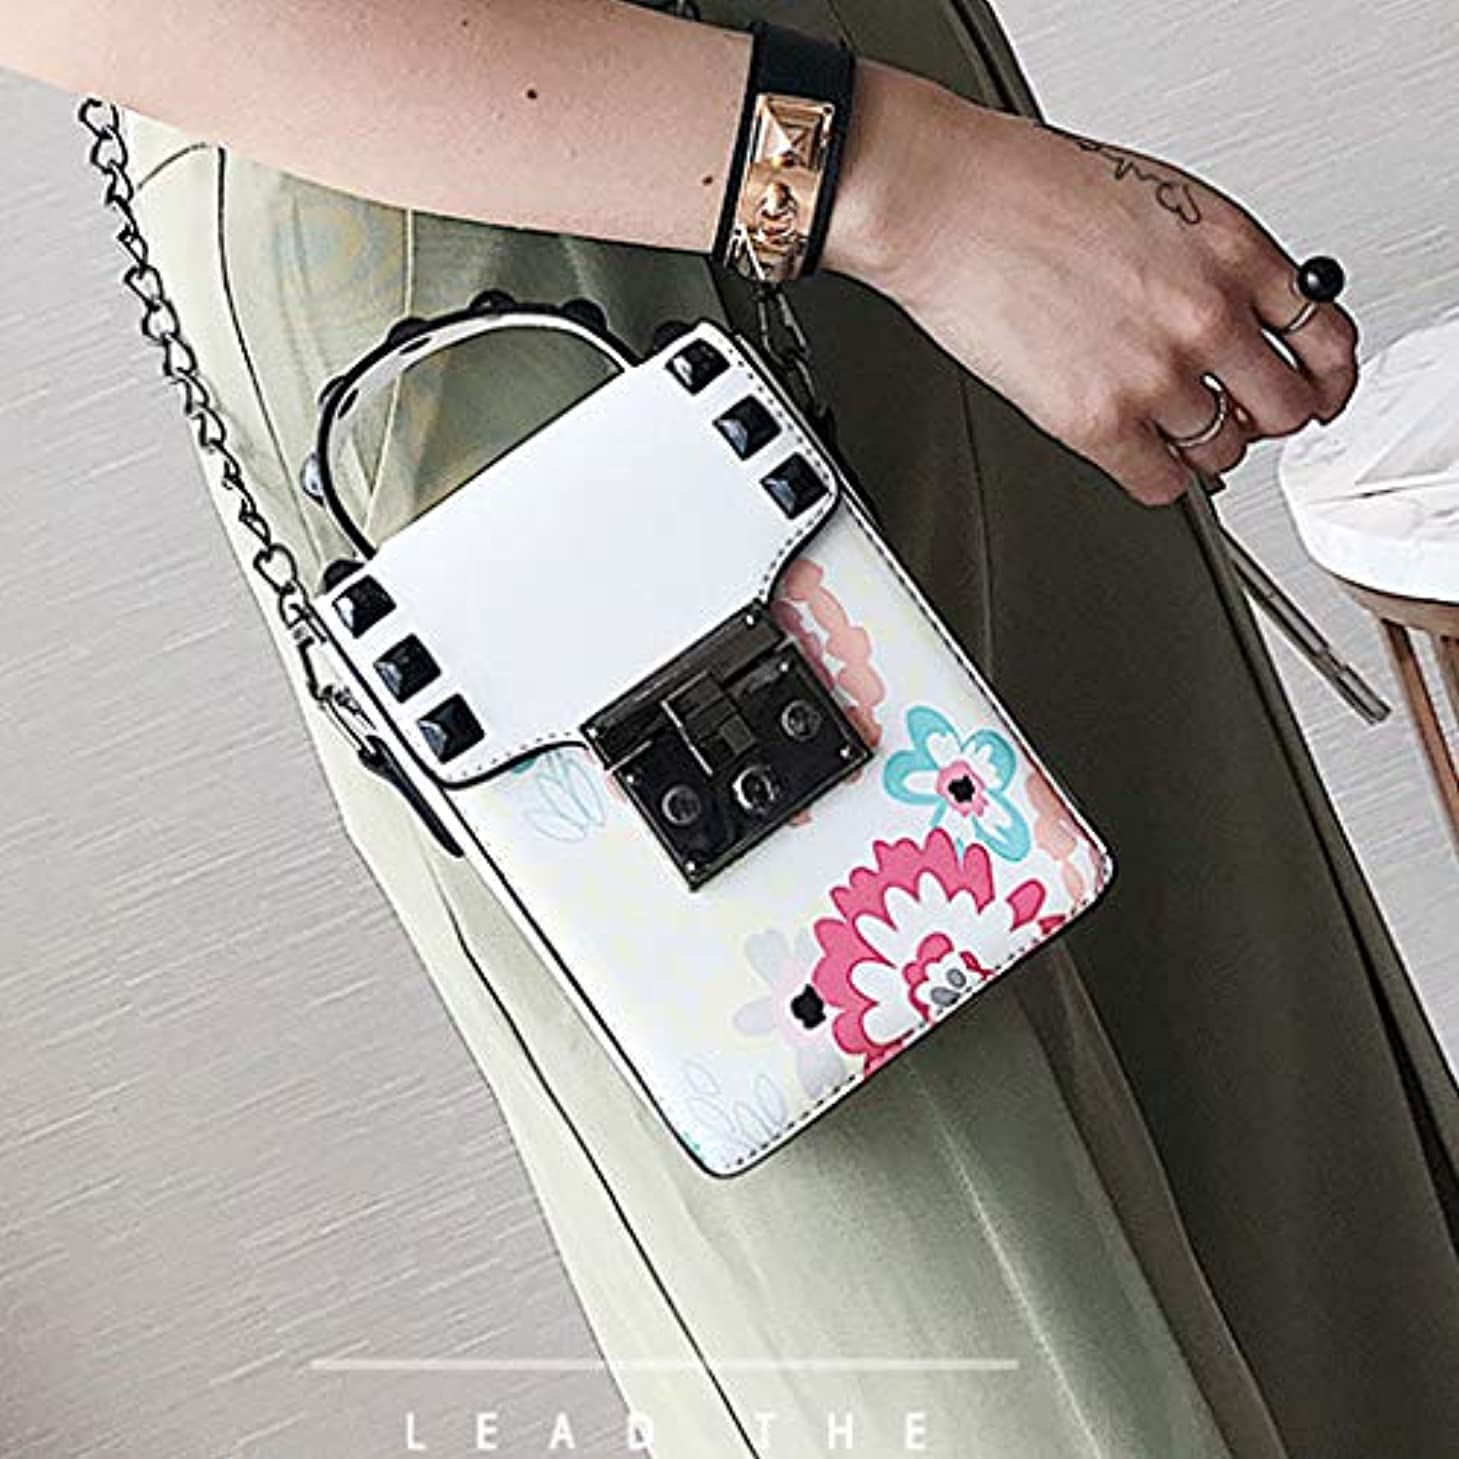 経験好戦的な極地女性印刷リベットチェーンショルダーバッグレディースキャンパススタイルクロスボディバッグ、ファッショントレンド新しいクロスボディバッグ、チェーンレディース小さなバッグ、プリントパターントレンド小さな財布 (白)